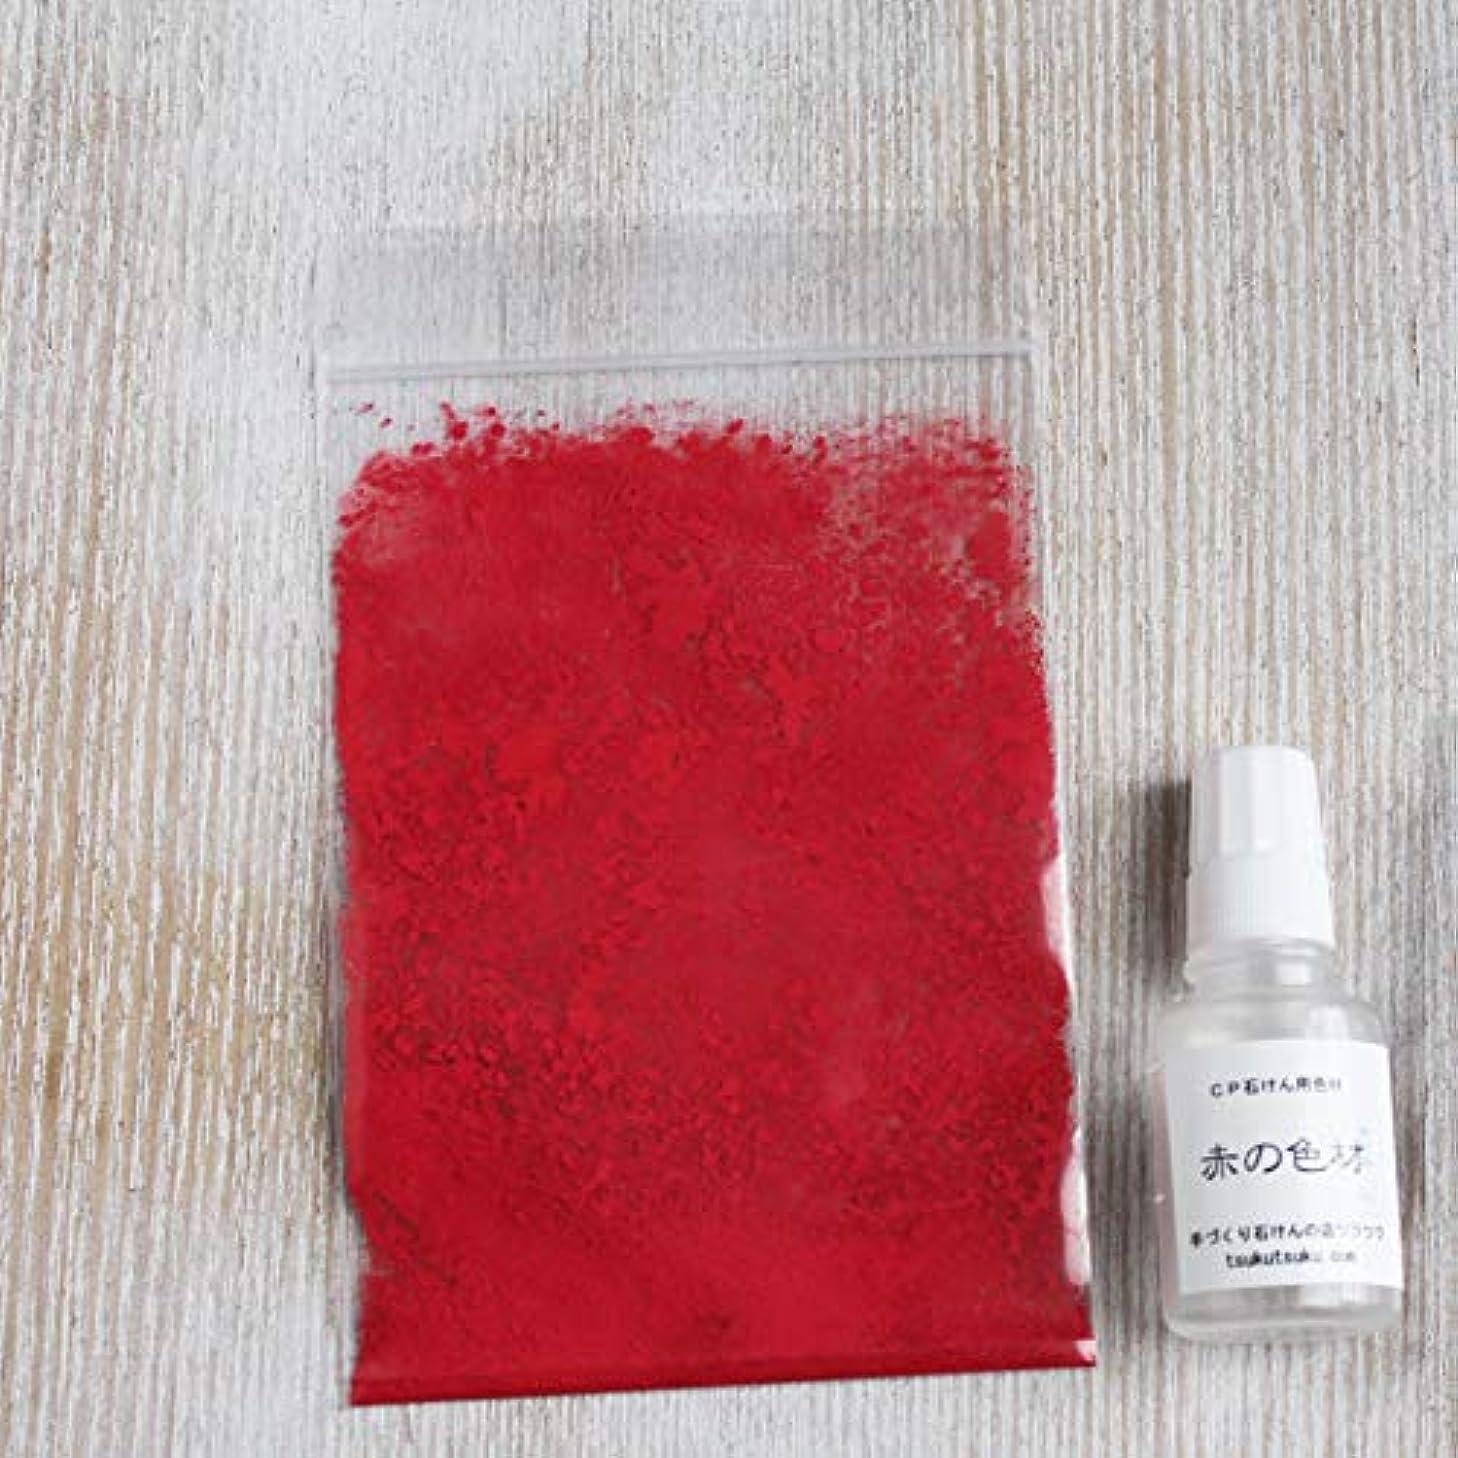 クレーン前者くつろぎCP石けん用色材 赤の色材キット/手作り石けん?手作り化粧品材料